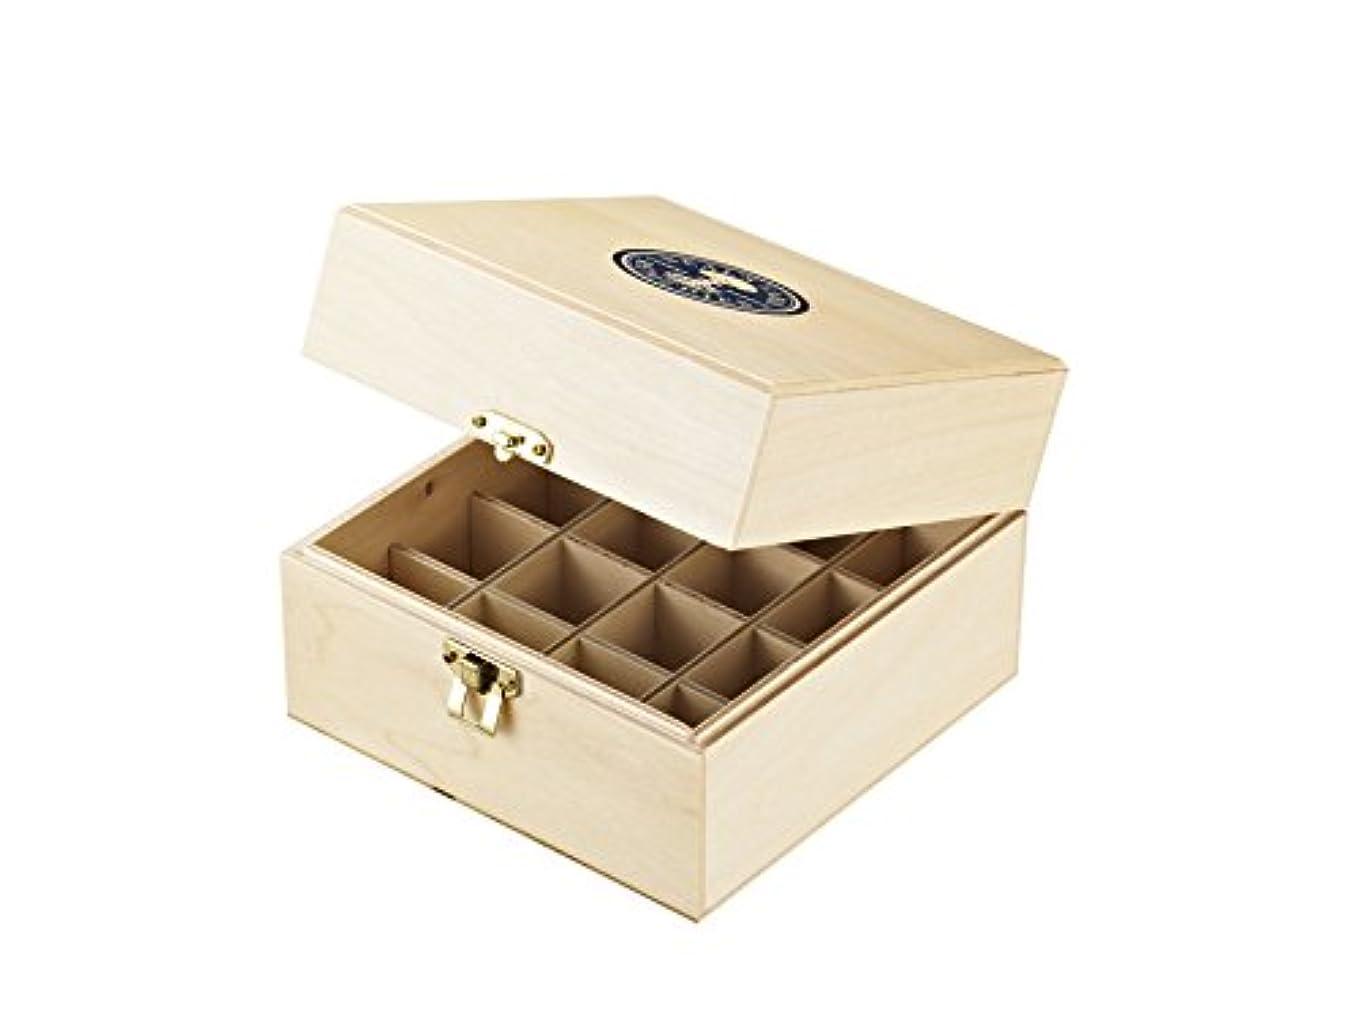 エンドテーブルぎこちない確認してくださいニールズヤード レメディーズ エッセンシャルオイル保管木箱(16本収納)